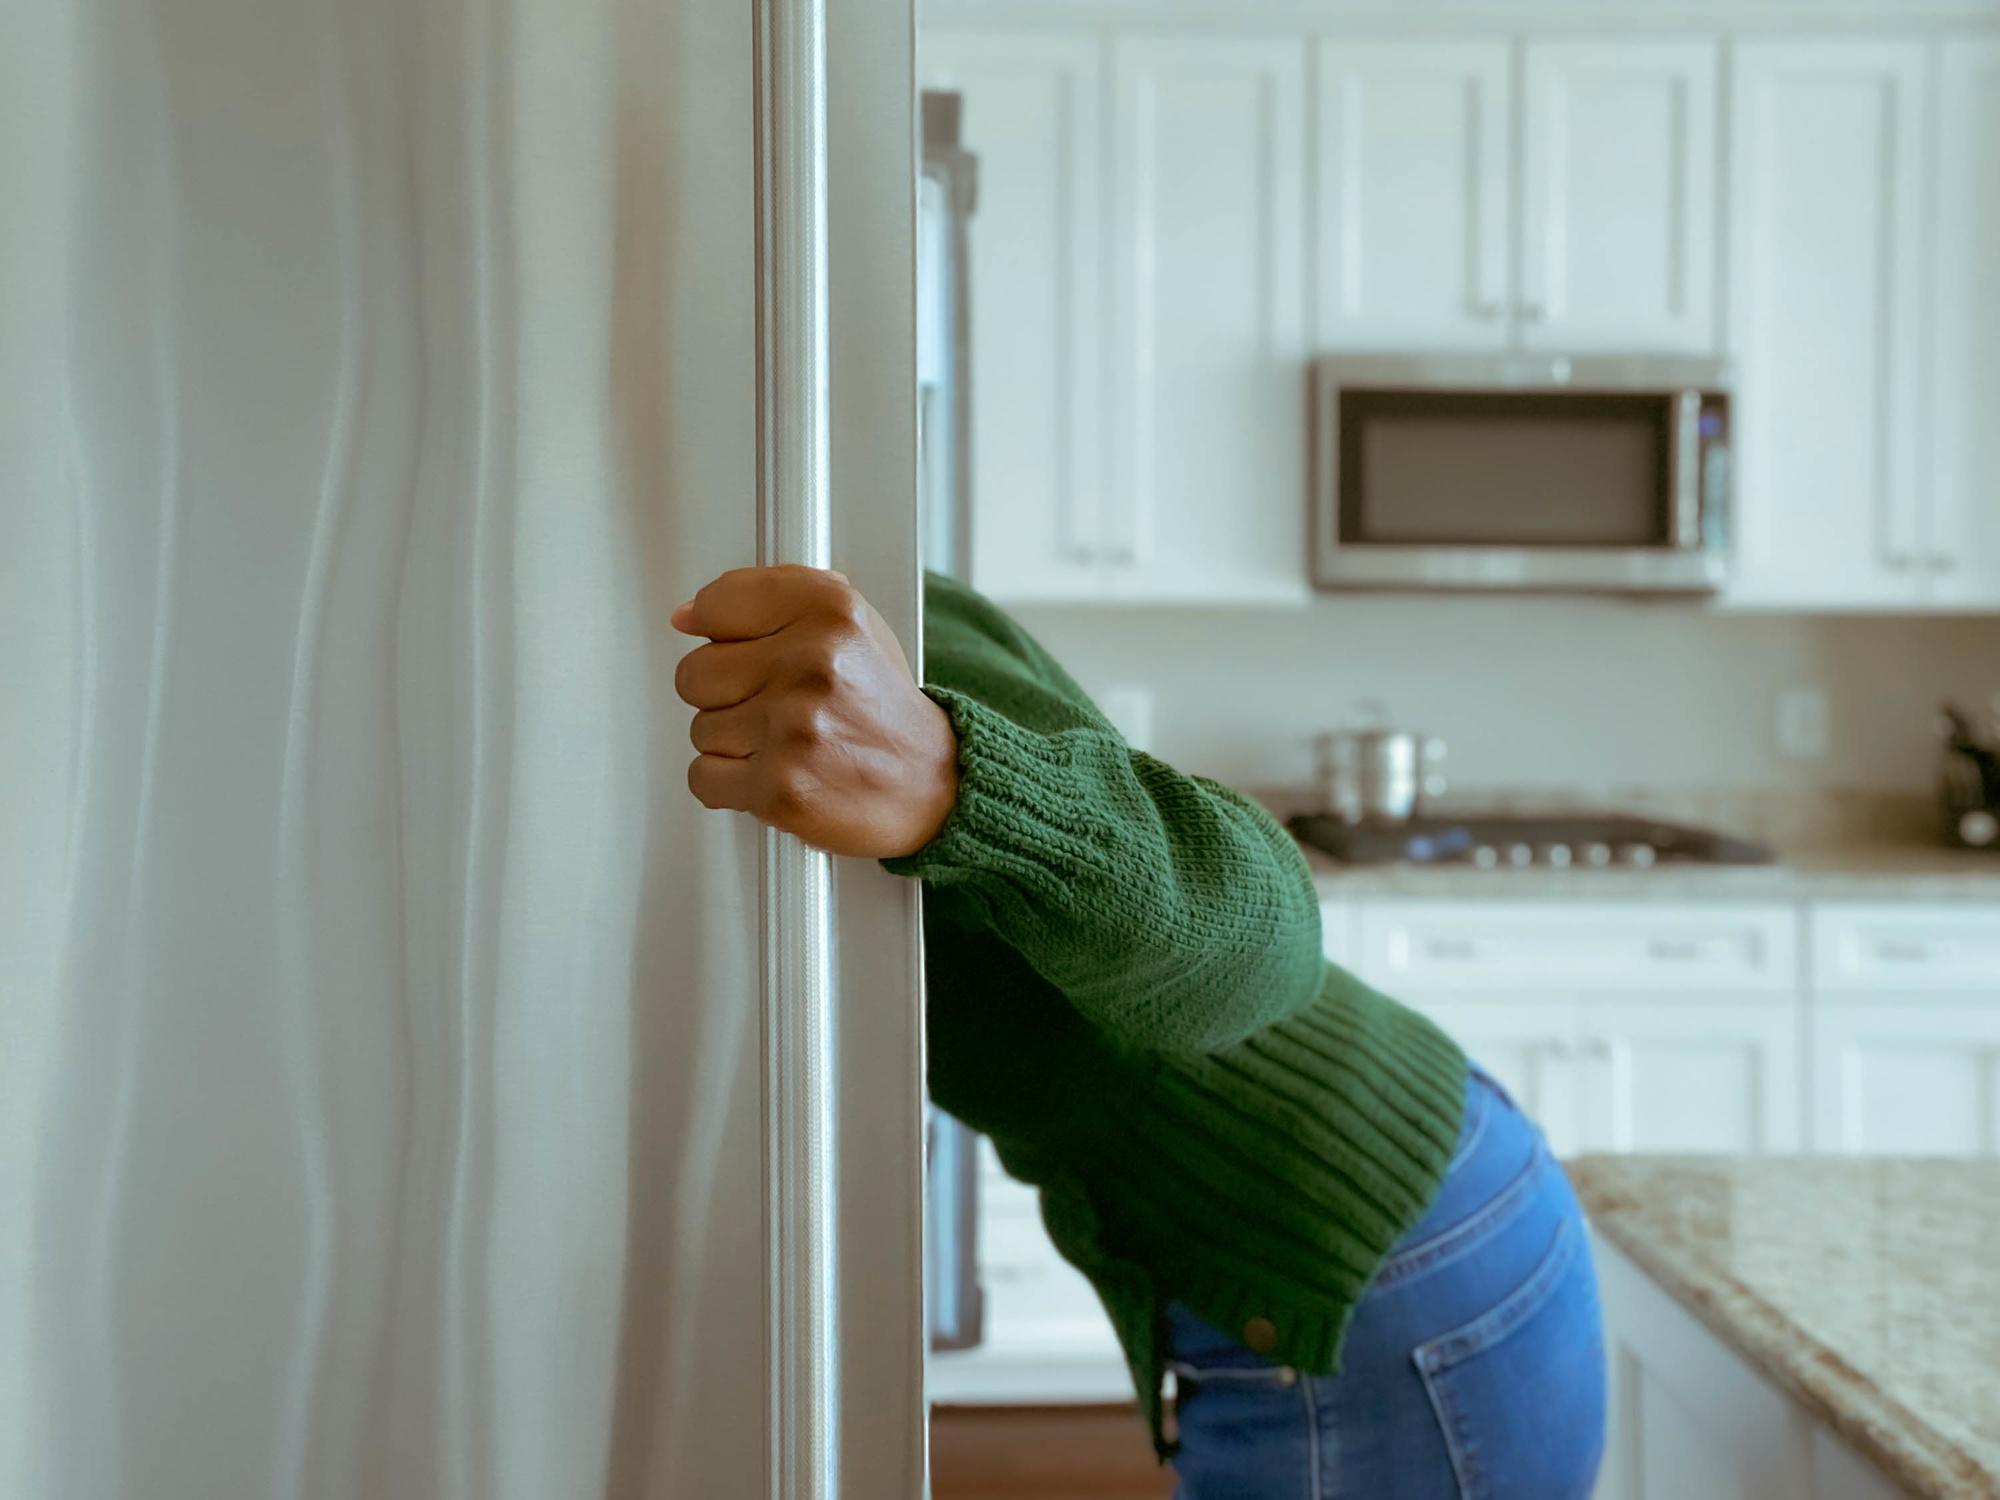 La faim émotionnelle nous mène droit au frigo., GETTY